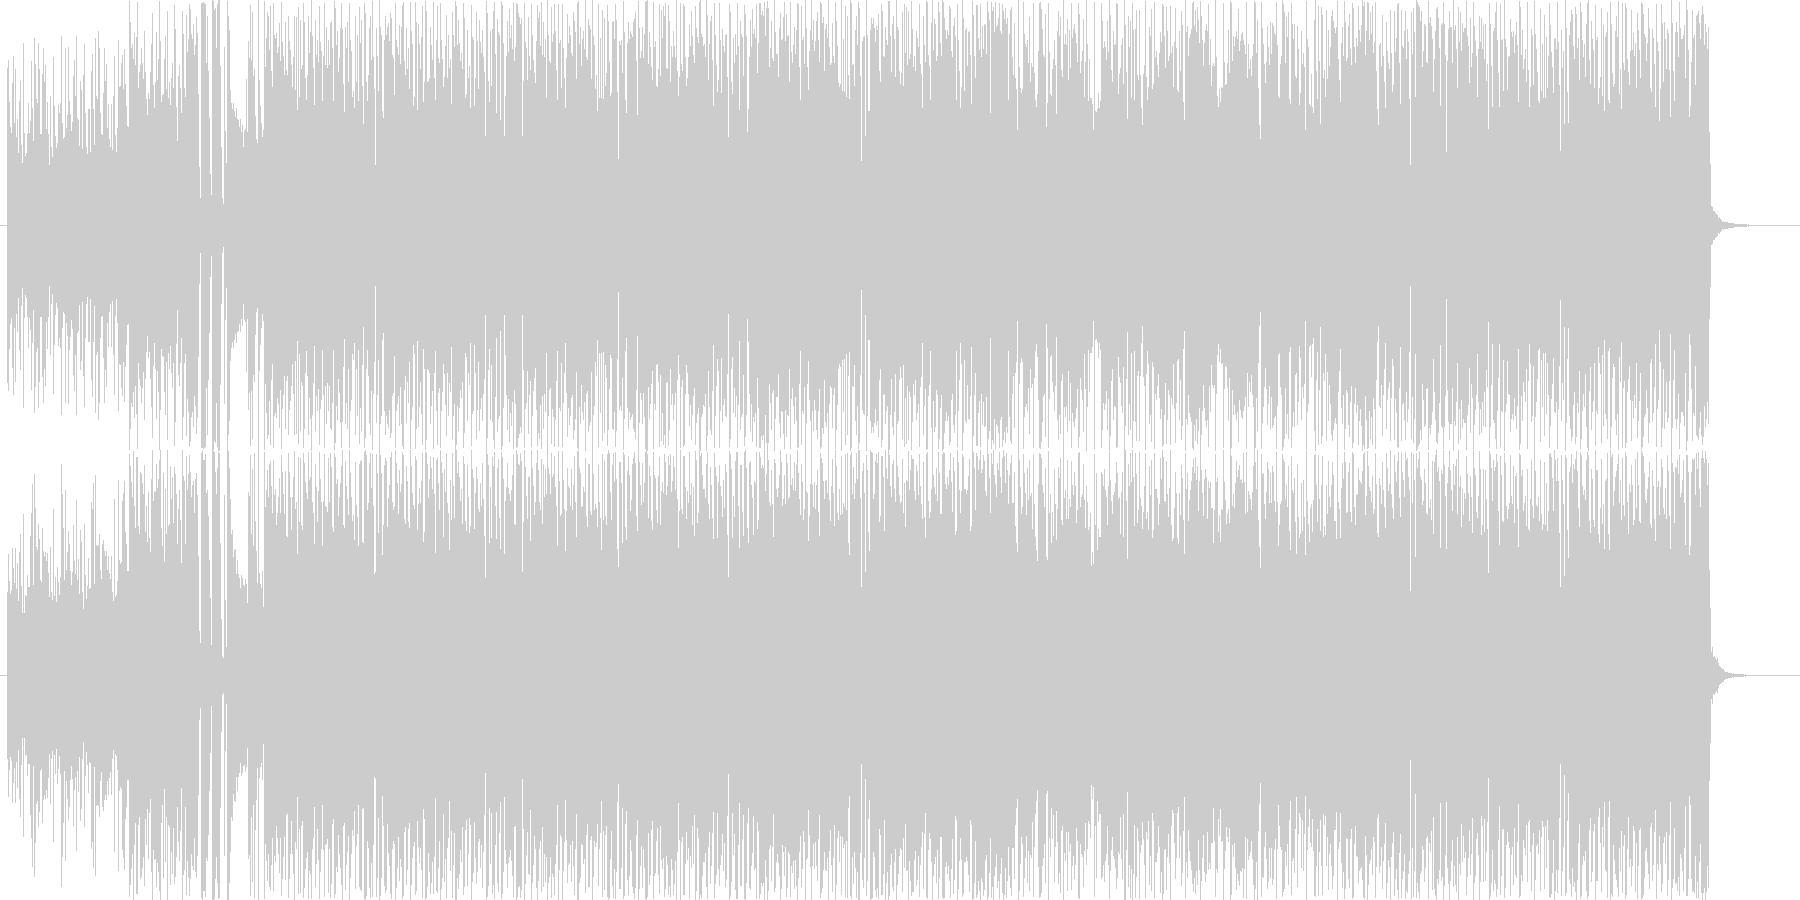 ホーンセクションが特徴的なロックなBGMの未再生の波形